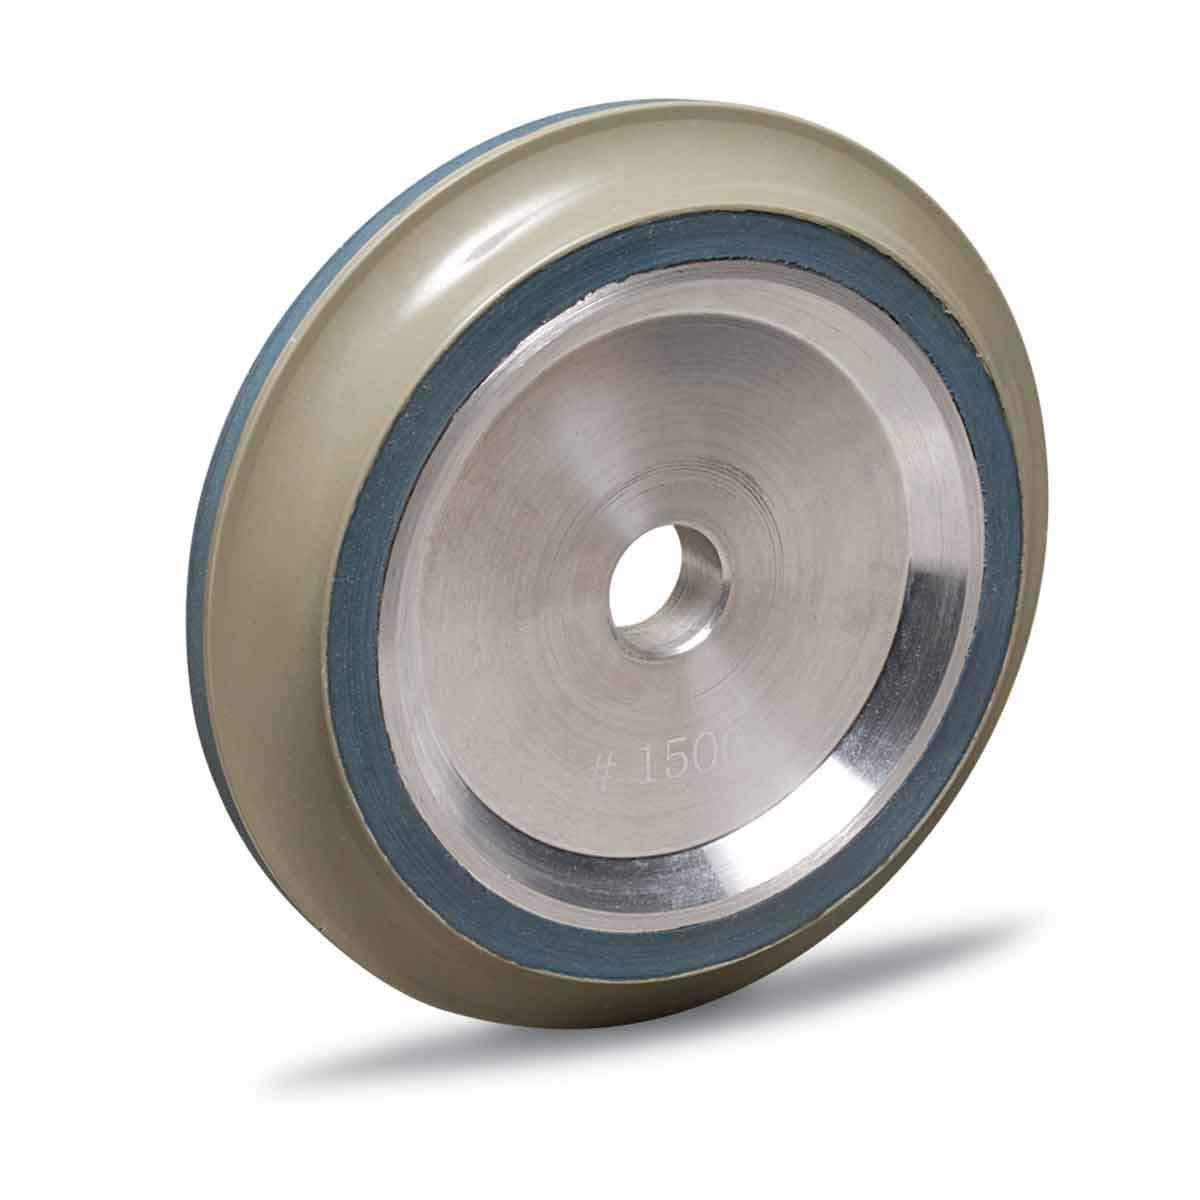 Resin Bond Polishing Wheel for MK-DX